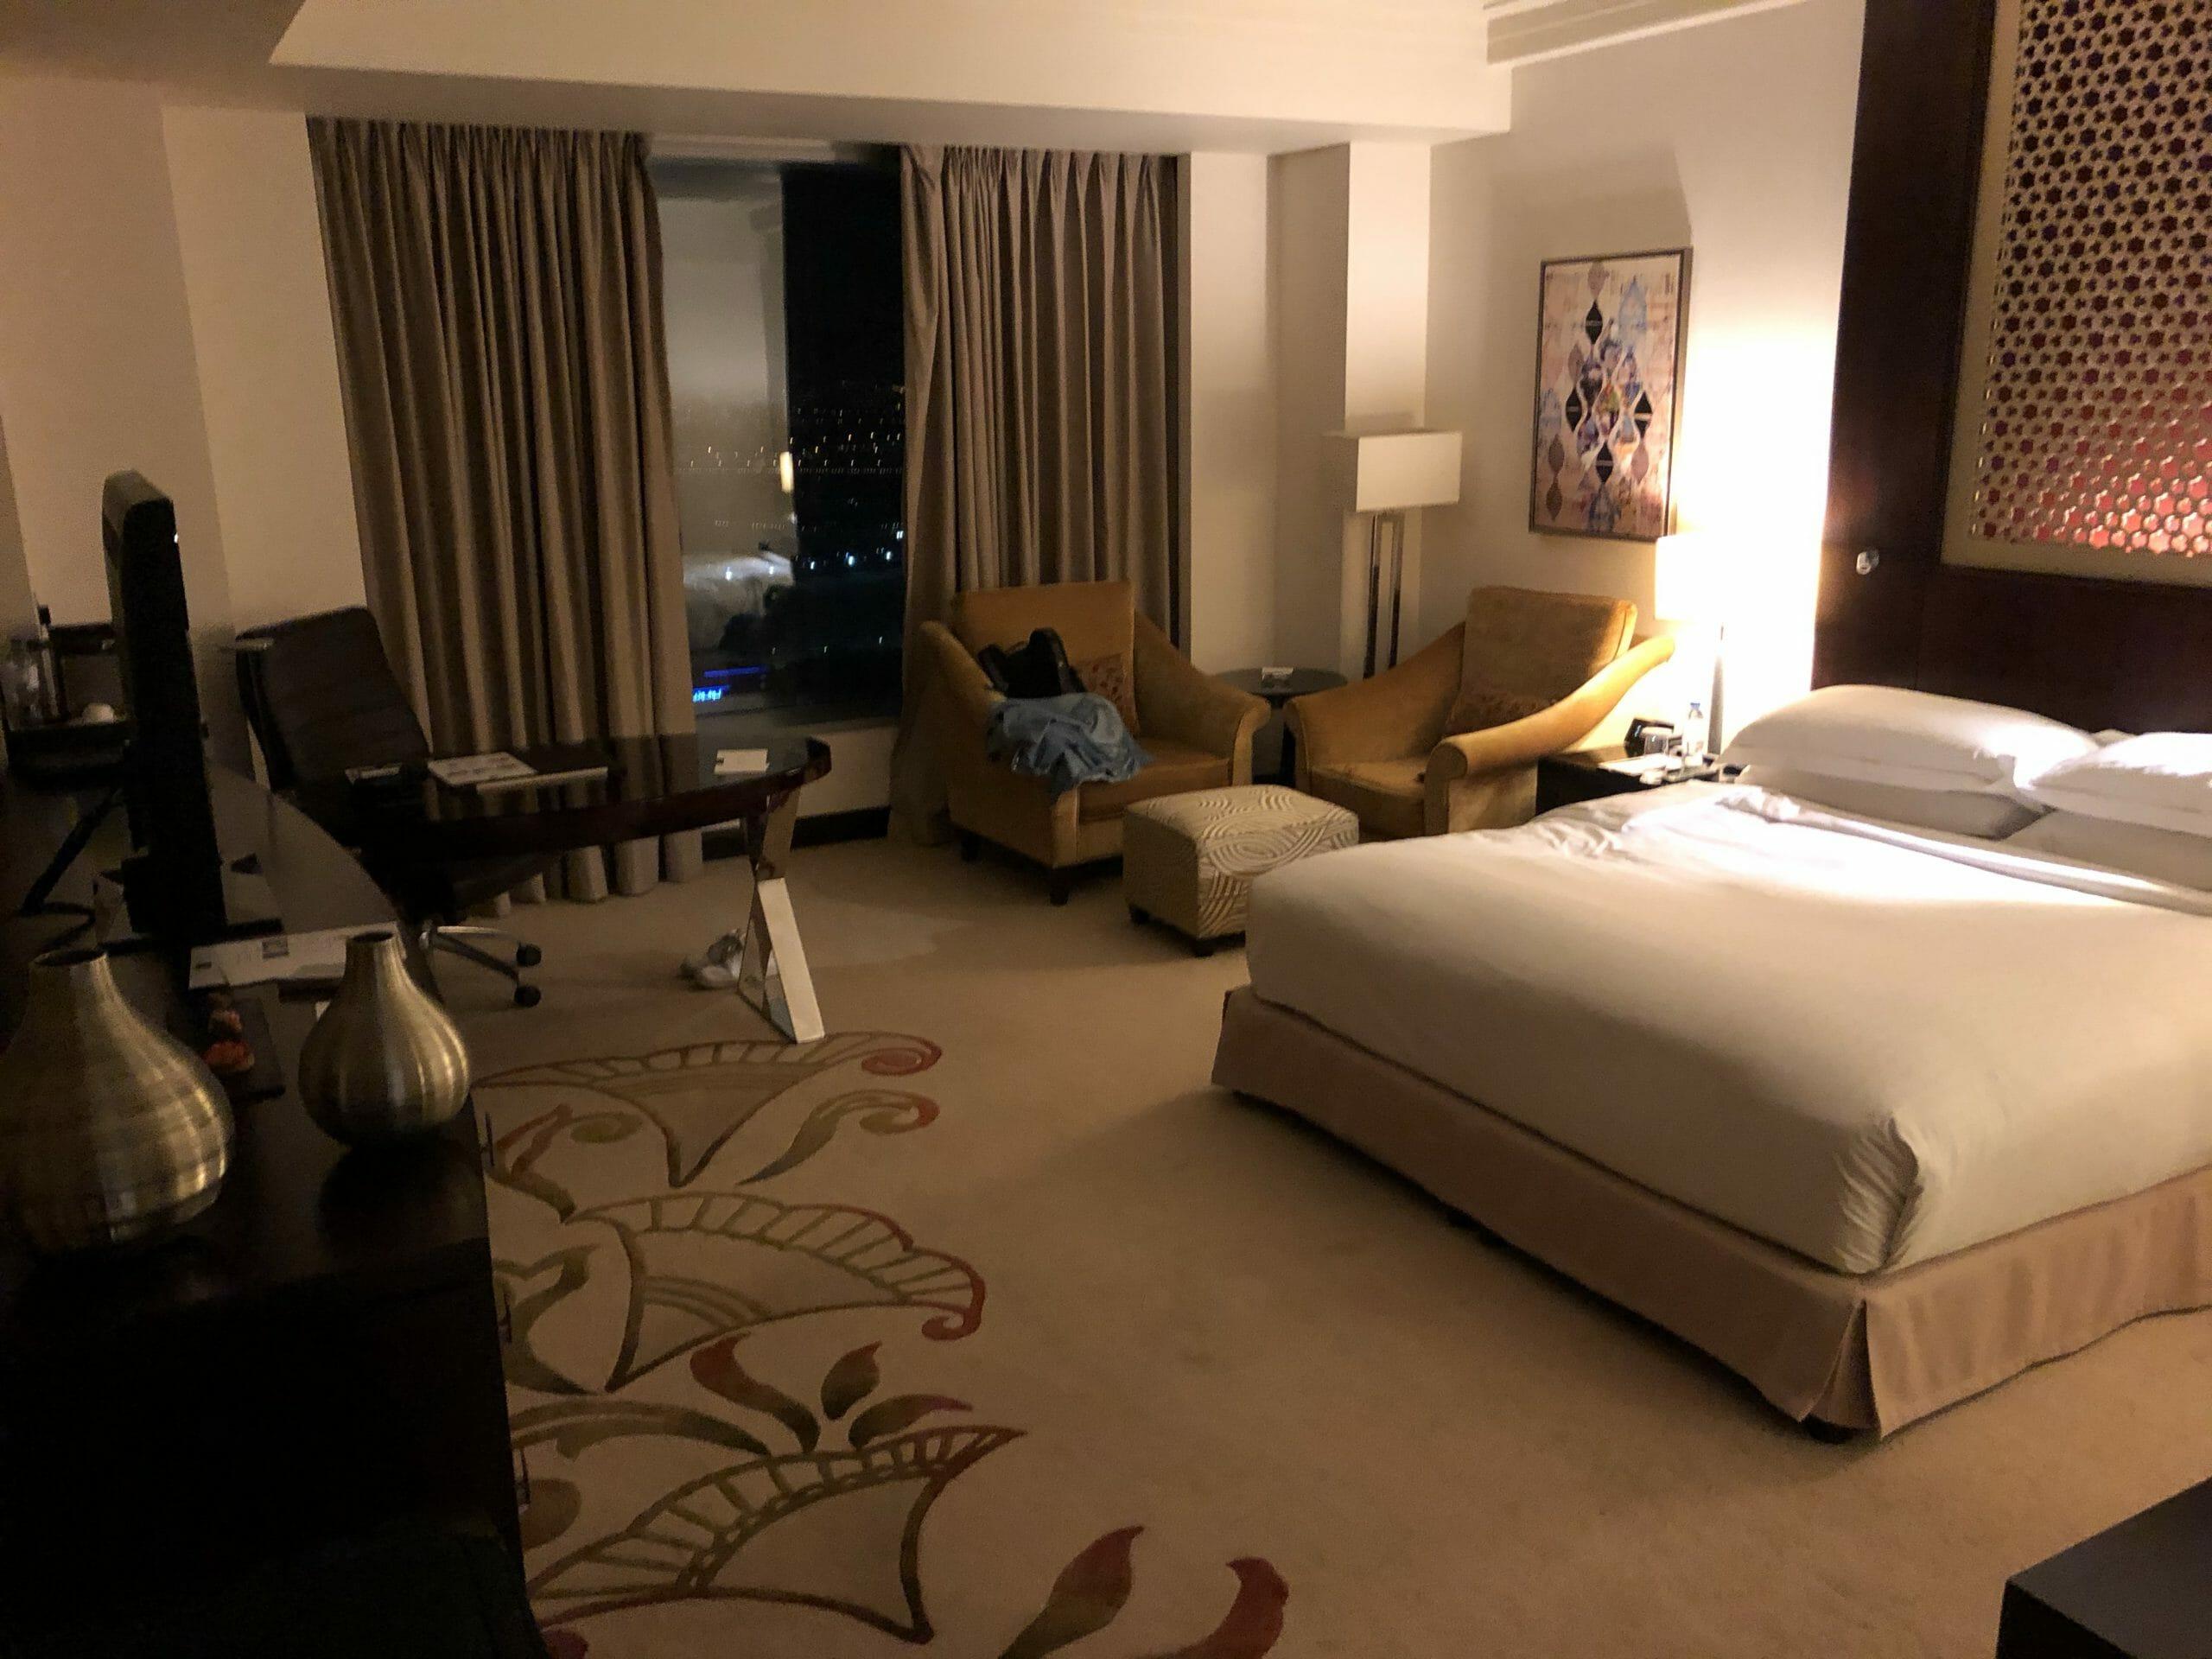 Bild vom Hotelzimmer